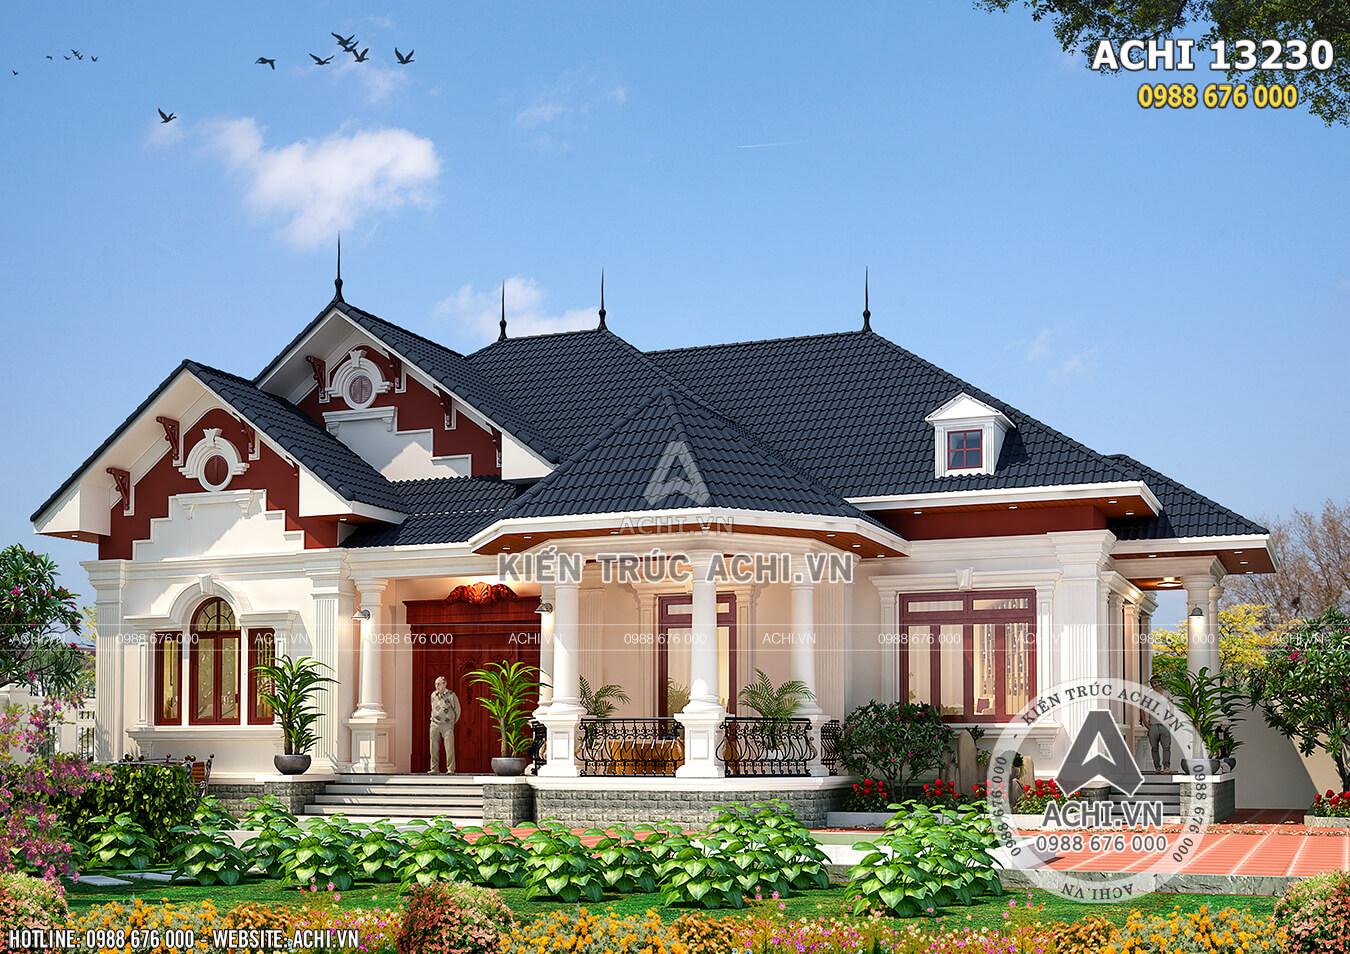 Phối cảnh 3D ngoại thất mẫu nhà 1 tầng lầu đẹp với hệ mái Thái đẳng cấp